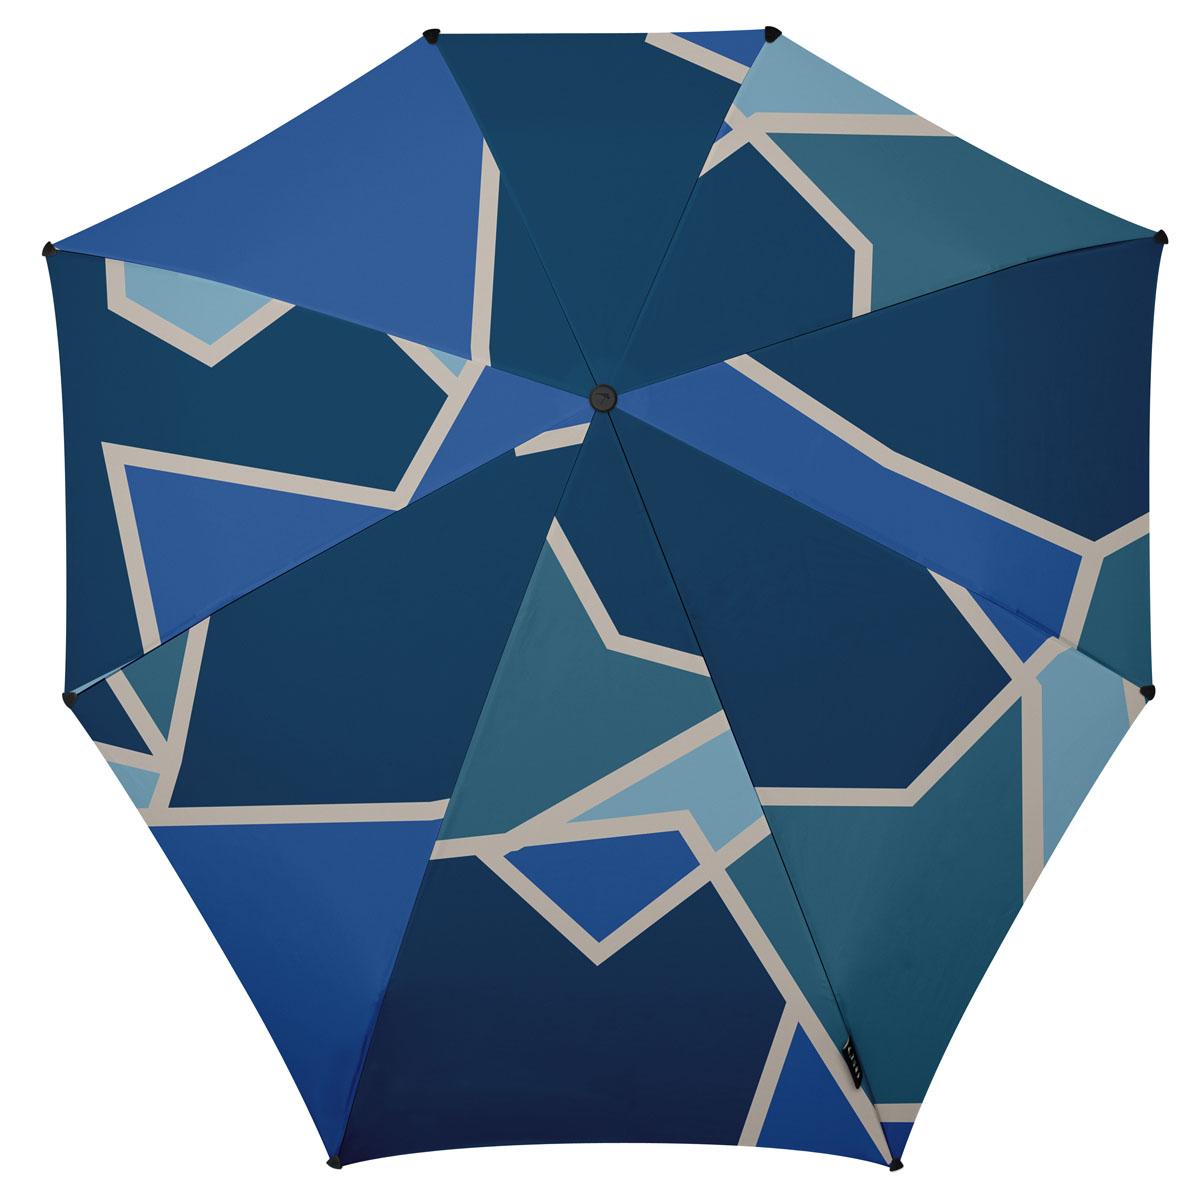 Зонт Senz, цвет: мультиколор. 10210451021045Инновационный противоштормовый зонт, выдерживающий любую непогоду. Входит в коллекцию global playground, разработанную в соответствии с современными течениями fashion-индустрии. Вдохновением для дизайнеров стали улицы городов по всему земному шару. На новых принтах вы встретите уникальный микс всего, что мы открываем для себя во время путешествий: разнообразие оттенков, цветов, теней, линий и форм. Зонт Senz отлично дополнит образ, подчеркнет индивидуальность и вкус своего обладателя. Легкий, компактный и прочный он открывается и закрывается нажатием на кнопку. Закрывает спину от дождя, а благодаря своей усовершенствованной конструкции, зонт не выворачивается наизнанку даже при сильном ветре. Модель Senz automatic выдержала испытания в аэротрубе со скоростью ветра 80 км/ч. - тип — автомат - три сложения - выдерживает порывы ветра до 80 км/ч - УФ-защита 50+ - эргономичная ручка - безопасные колпачки на кончиках спиц - в...